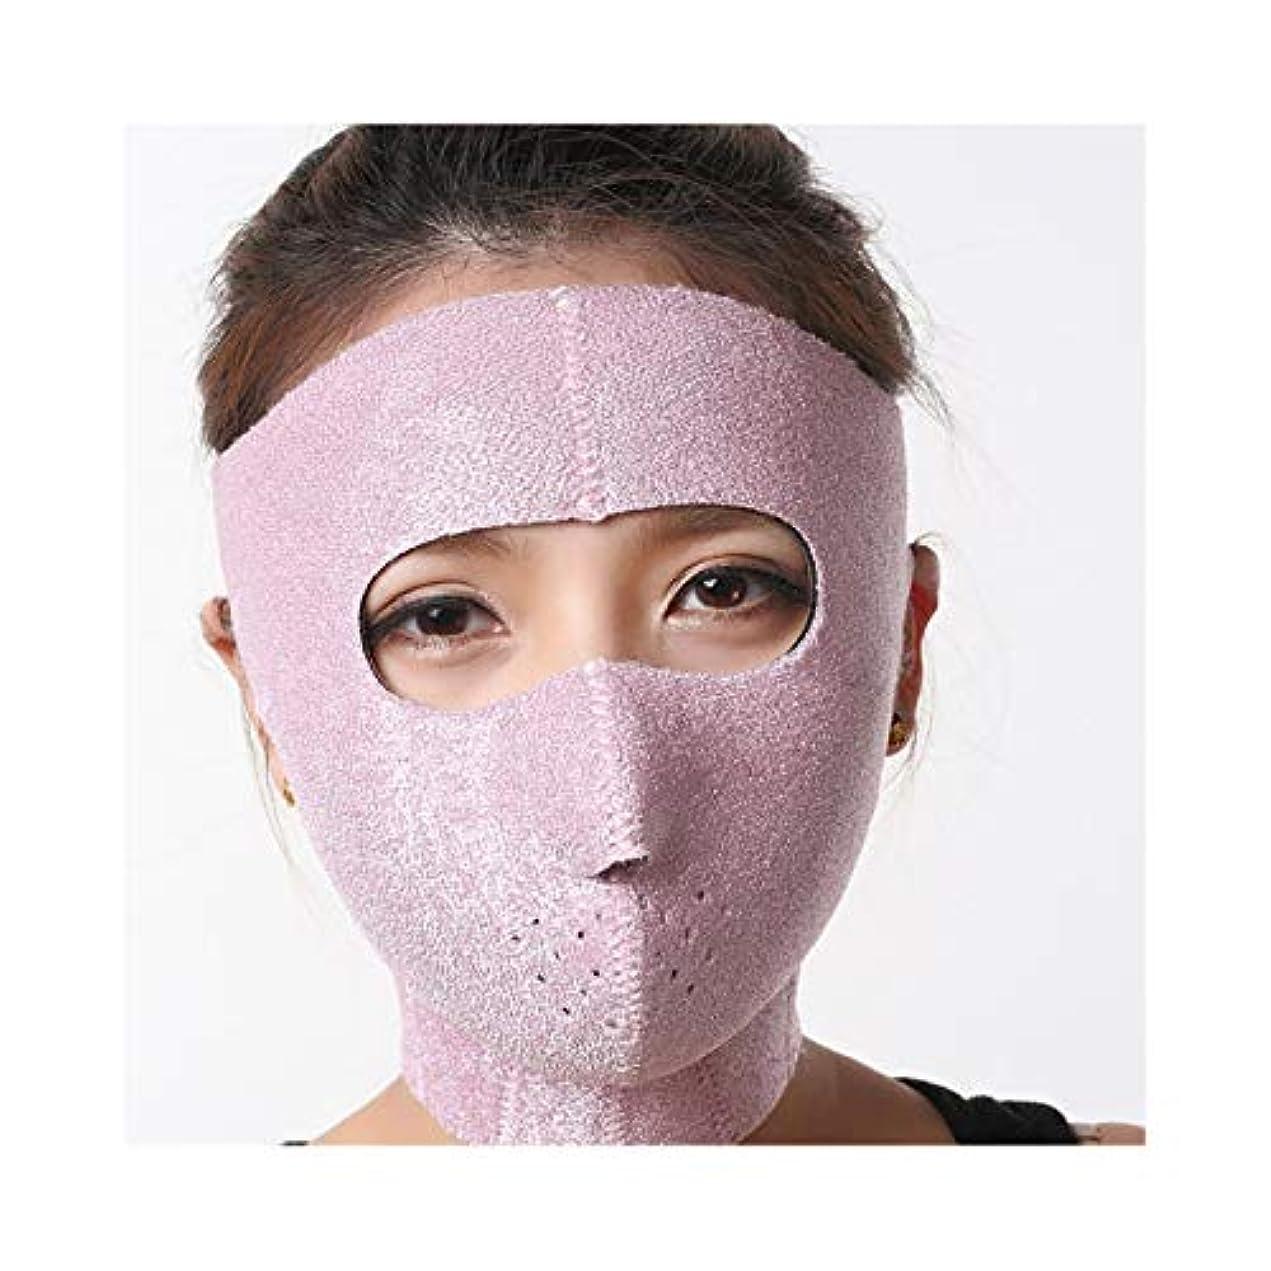 フィードバック星人間GLJJQMY スリムベルトマスク薄い顔マスク睡眠薄い顔マスク薄い顔包帯薄い顔アーティファクト薄い顔薄い顔薄い顔小さいV顔睡眠薄い顔ベルト 顔用整形マスク